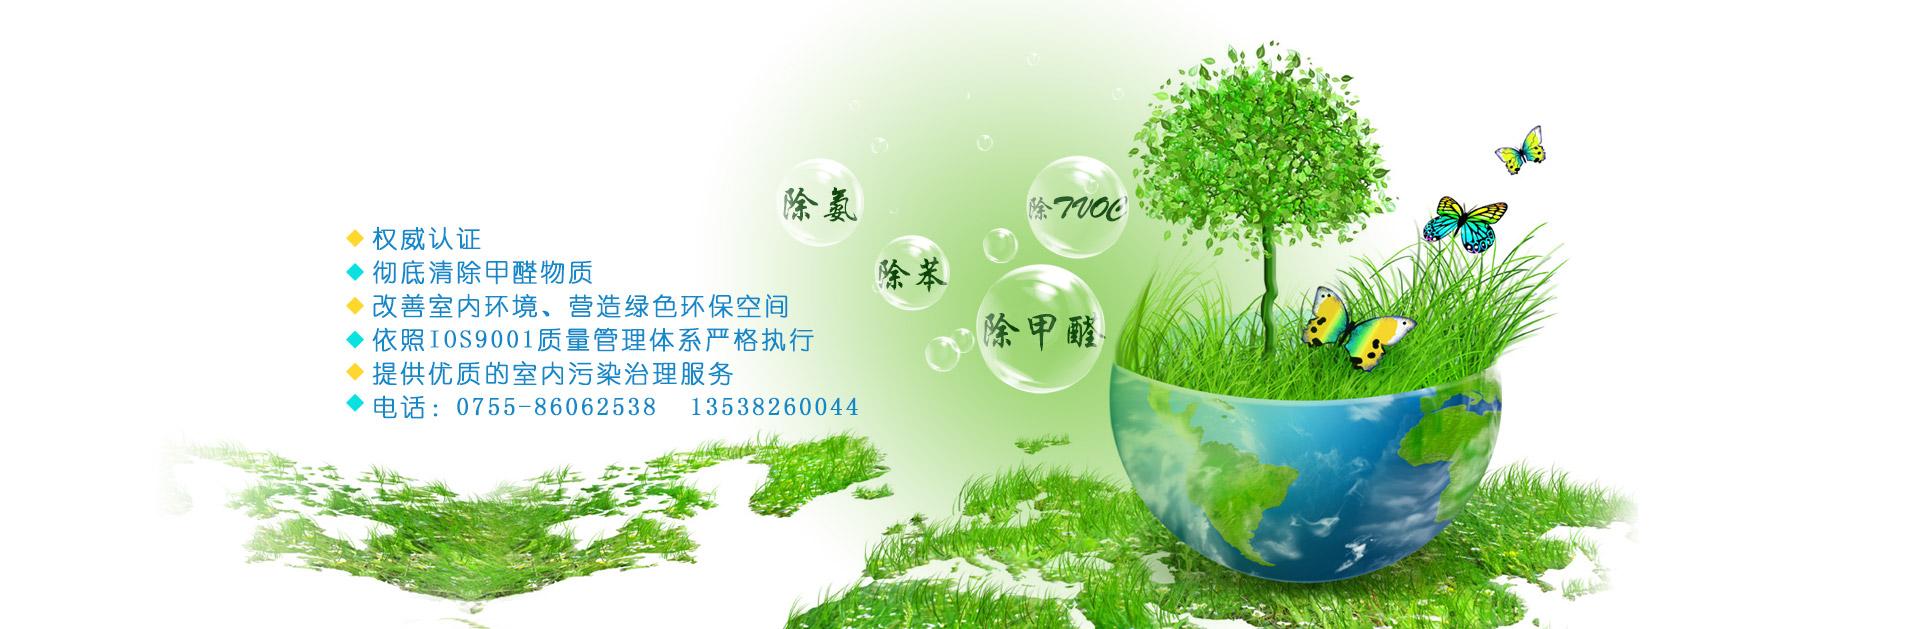 网站青岛快三Banner1